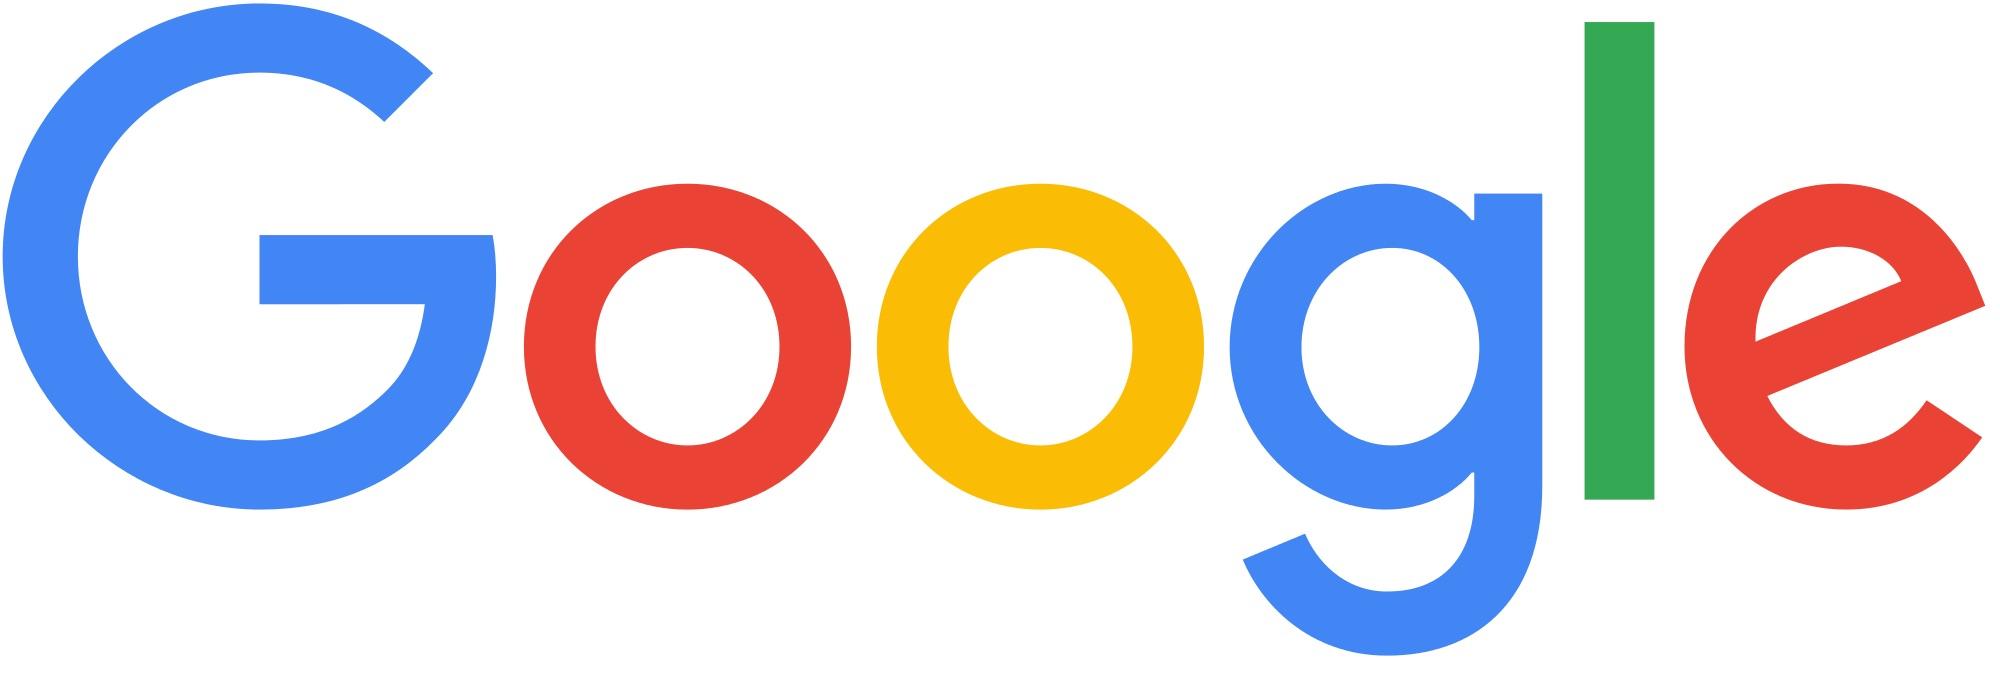 Google_2015_.jpg